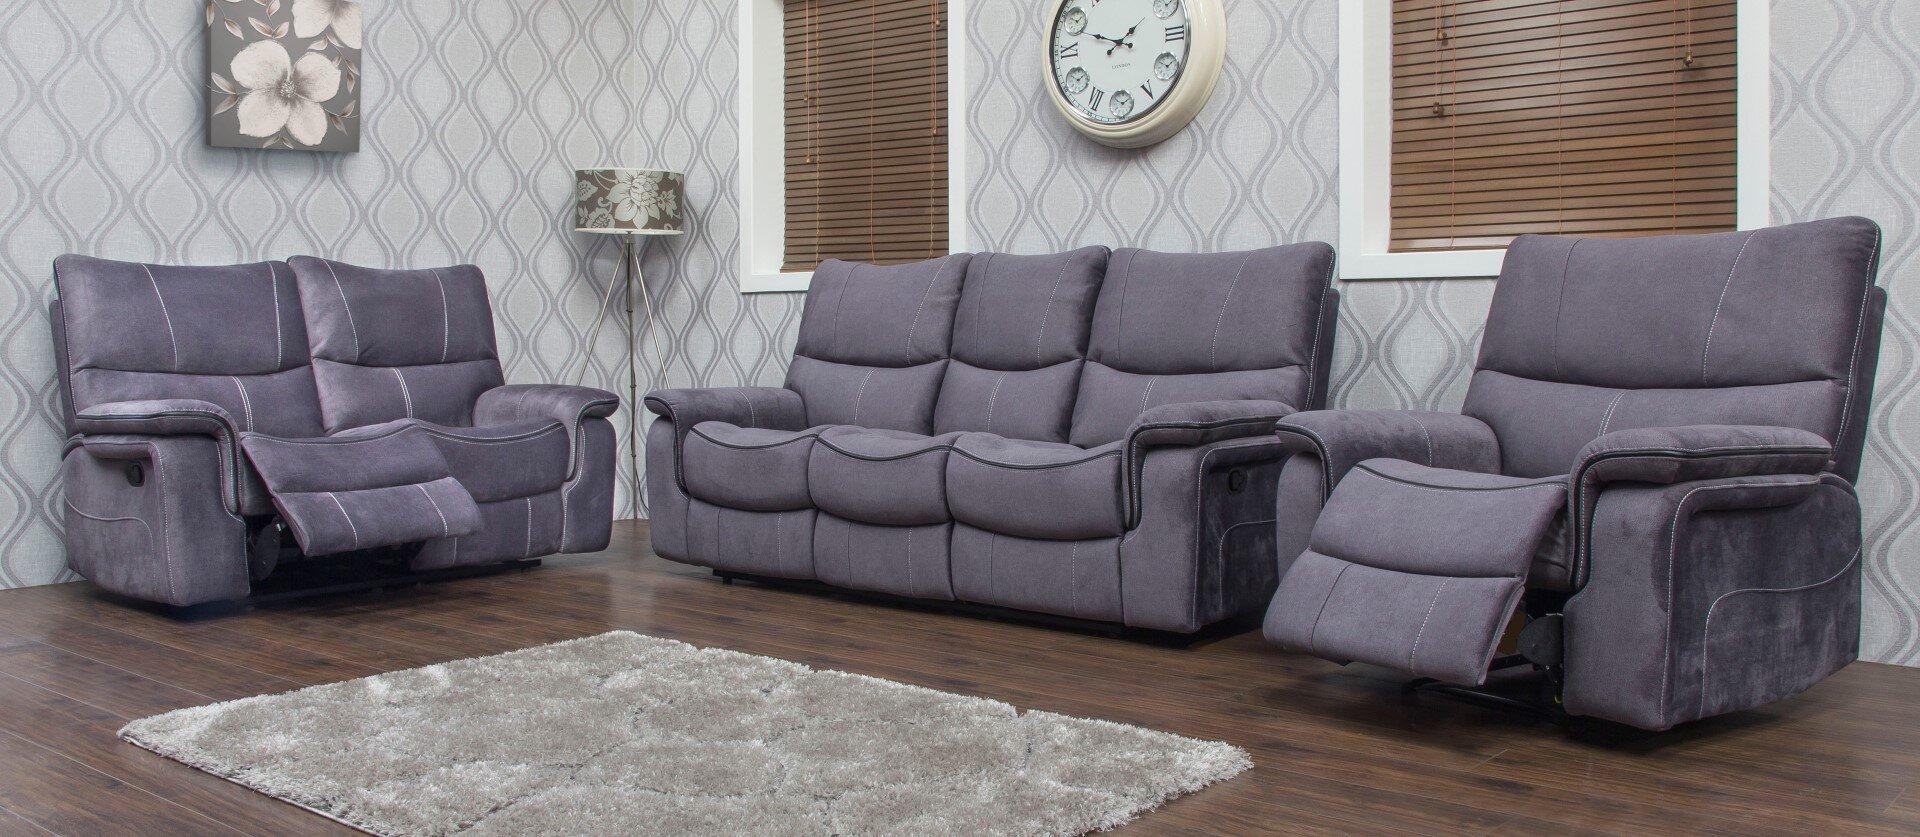 Emilio Fabric Sofa - Dark Grey 2